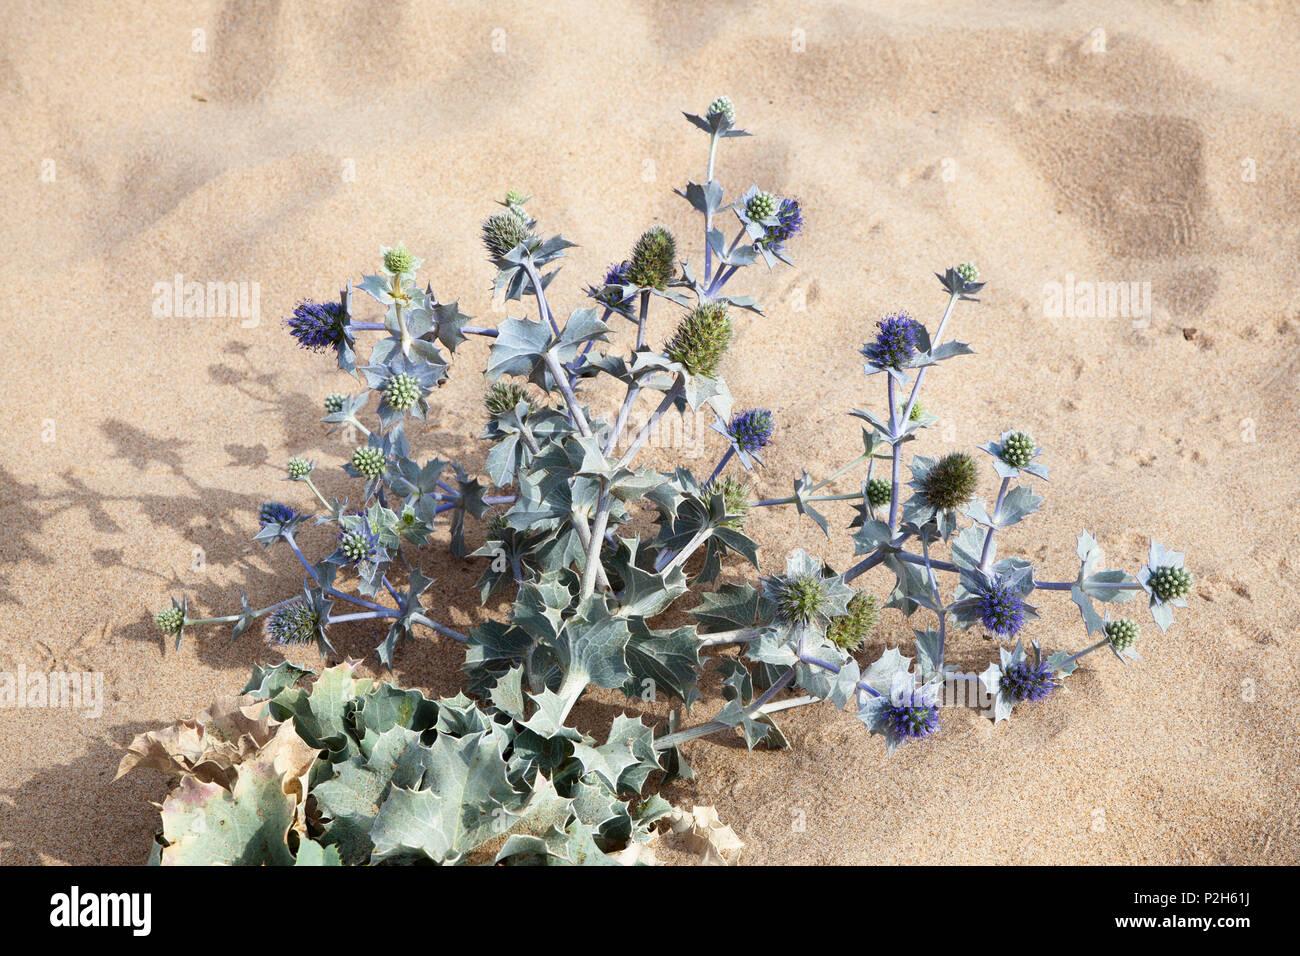 Beach Thistle, Eryngium maritimum, Algarve, Portugal, Europe - Stock Image